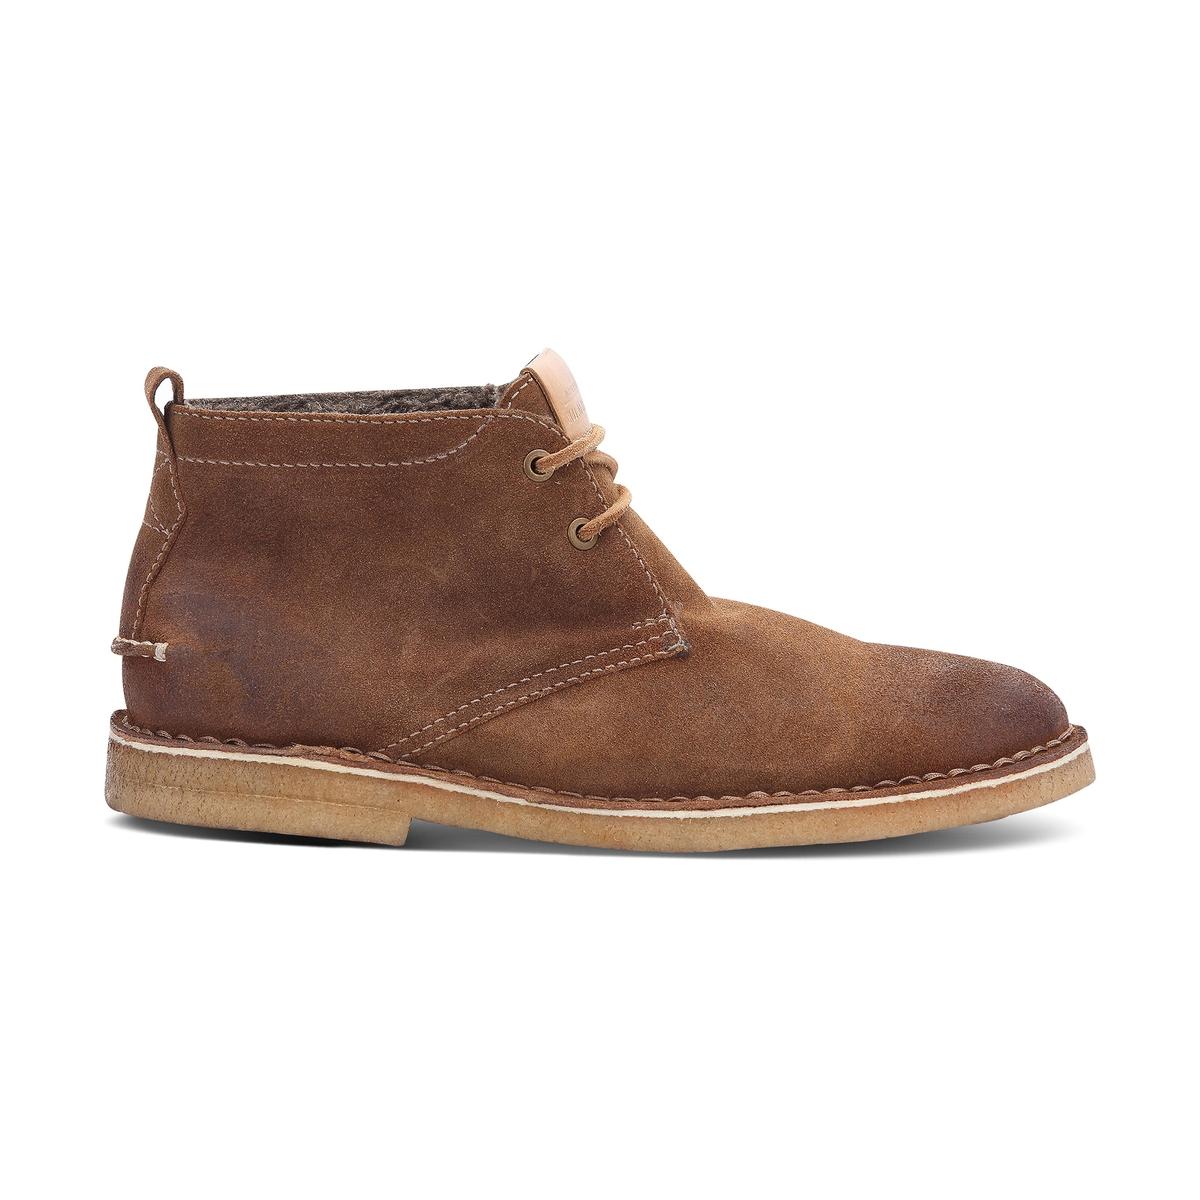 Ботинки кожаные FenixПодкладка : Кожа   Стелька: Кожа   Подошва: КаучукФорма каблука : Плоский каблук   Мысок: КруглыйЗастежка : Шнуровка<br><br>Цвет: темно-коричневый<br>Размер: 42